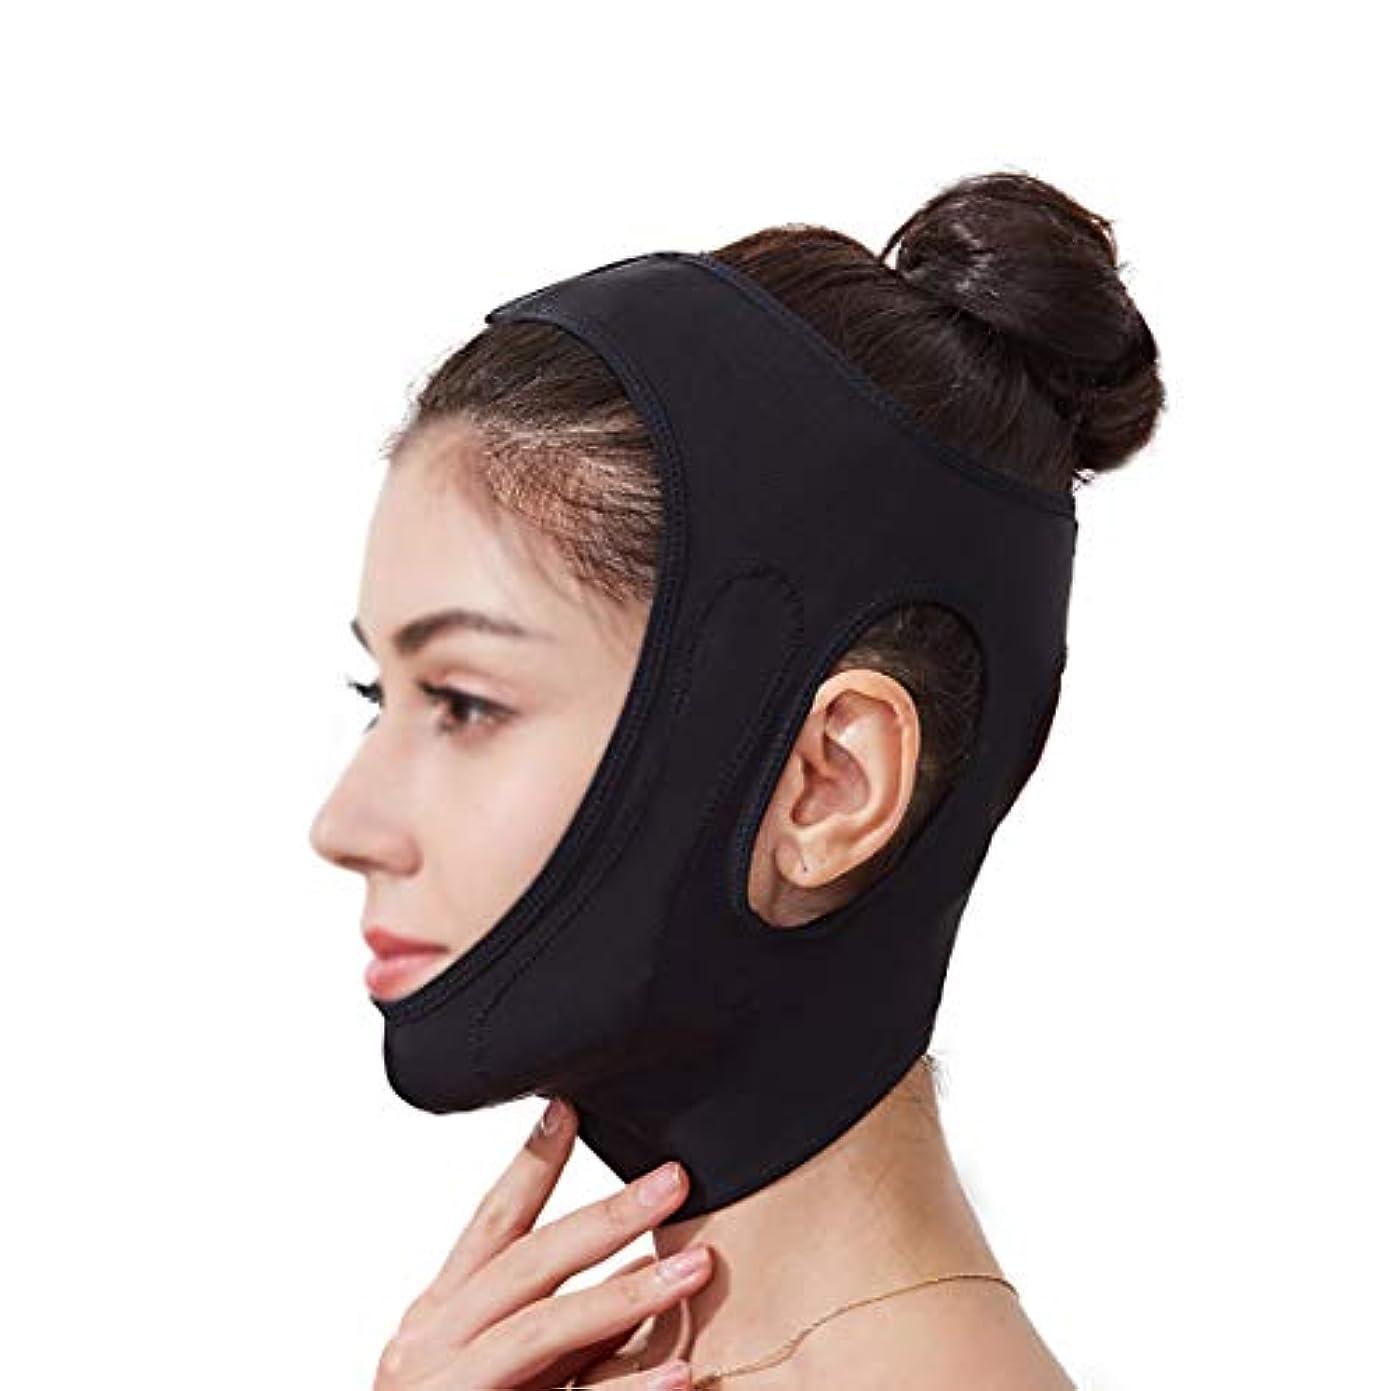 肩をすくめる宣言するドローフェイスリフティング包帯vフェイスマスクフェイスリフティングあご快適な顔引き締めフェイシャルマッサージワンサイズ (Color : Black)